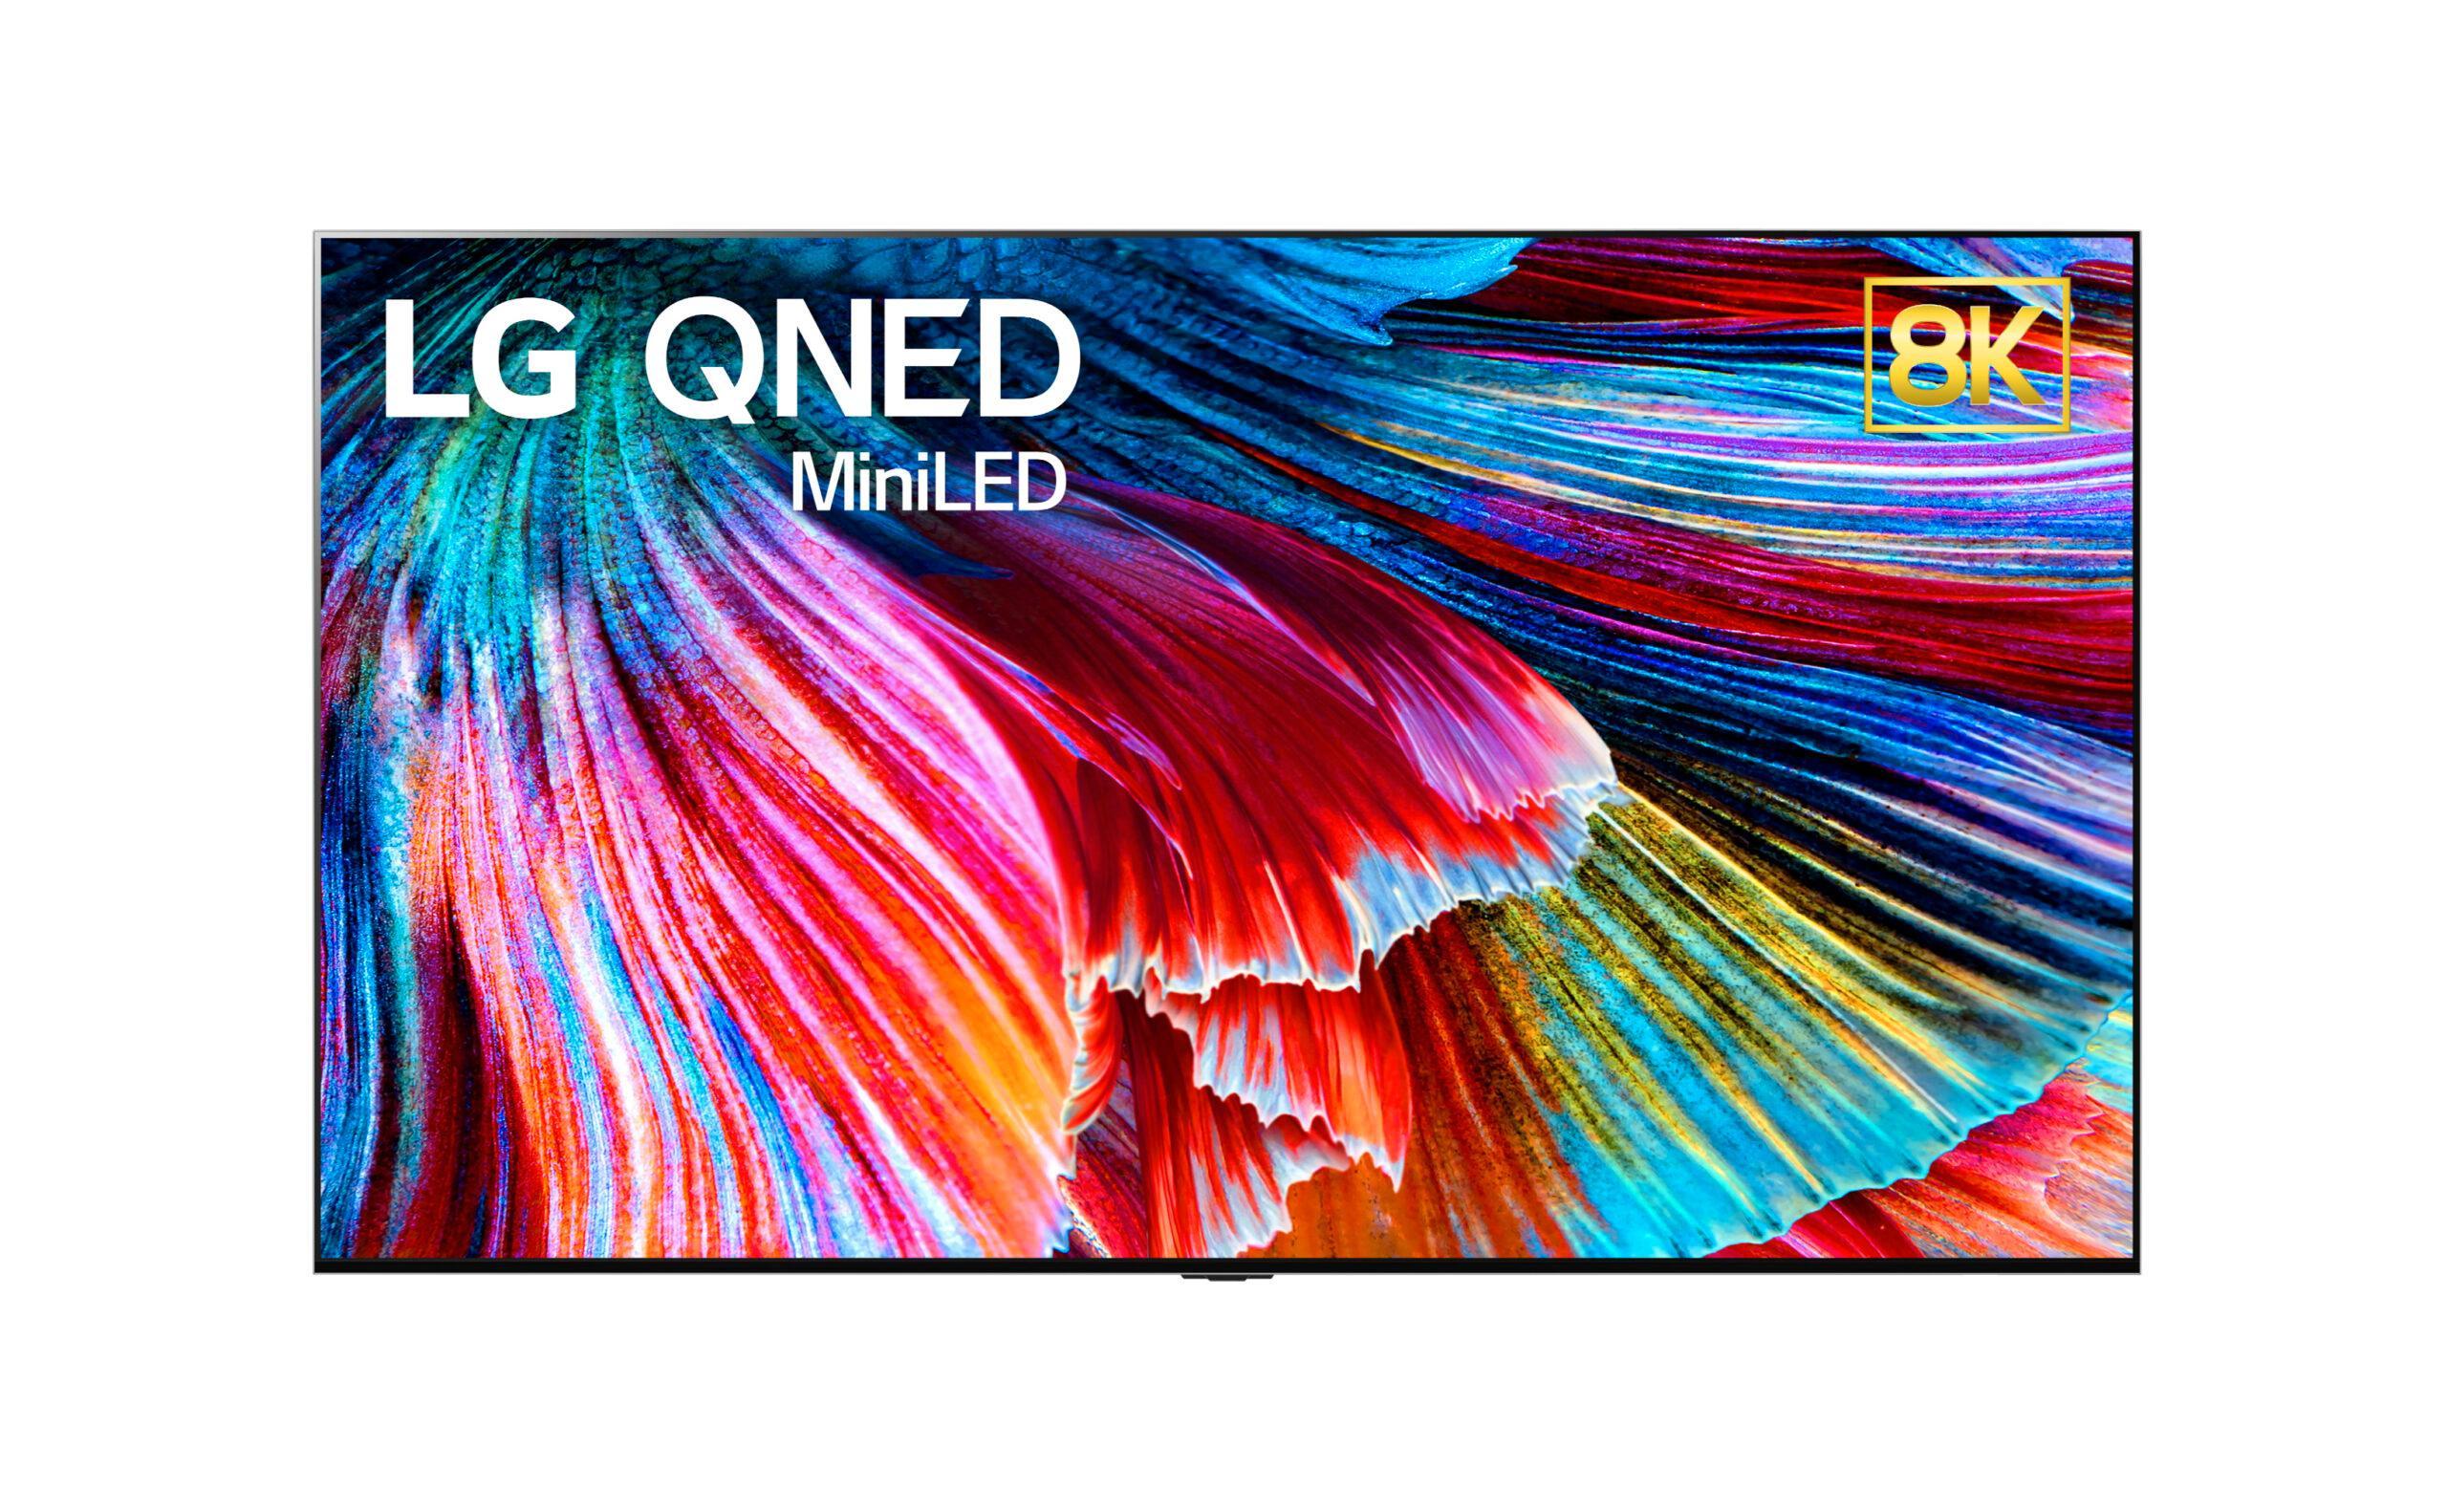 Som om det ikke var nok med OLED og QLED: LG lanserer nå QNED.